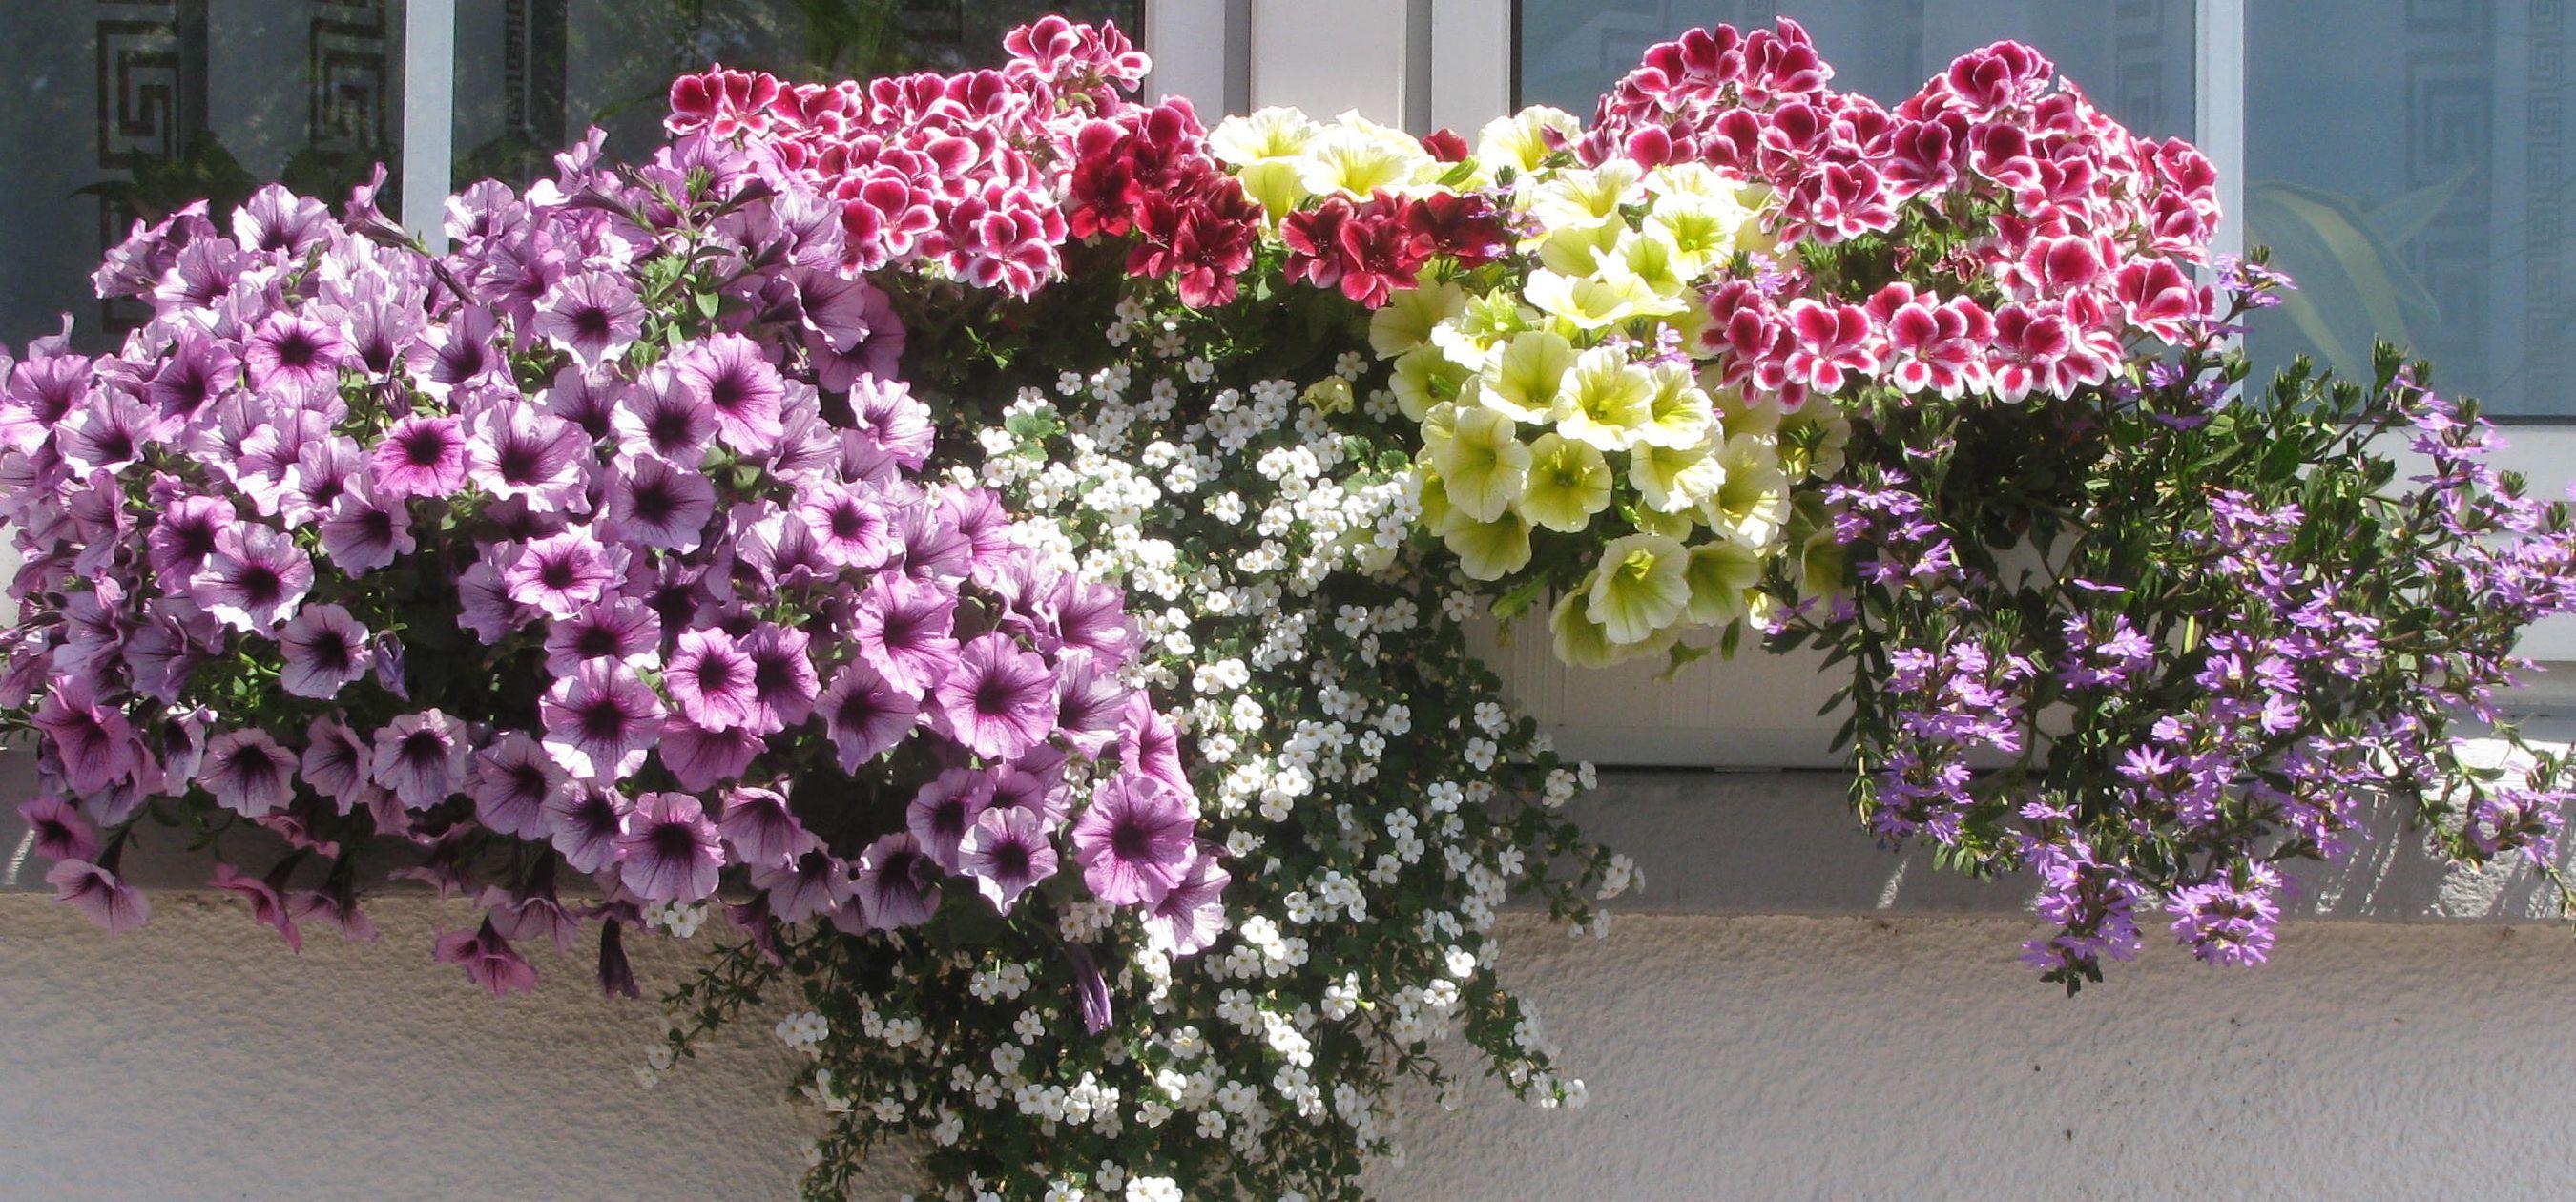 balkon blumenk sten bepflanzen google suche blumenk sten pinterest gardens. Black Bedroom Furniture Sets. Home Design Ideas